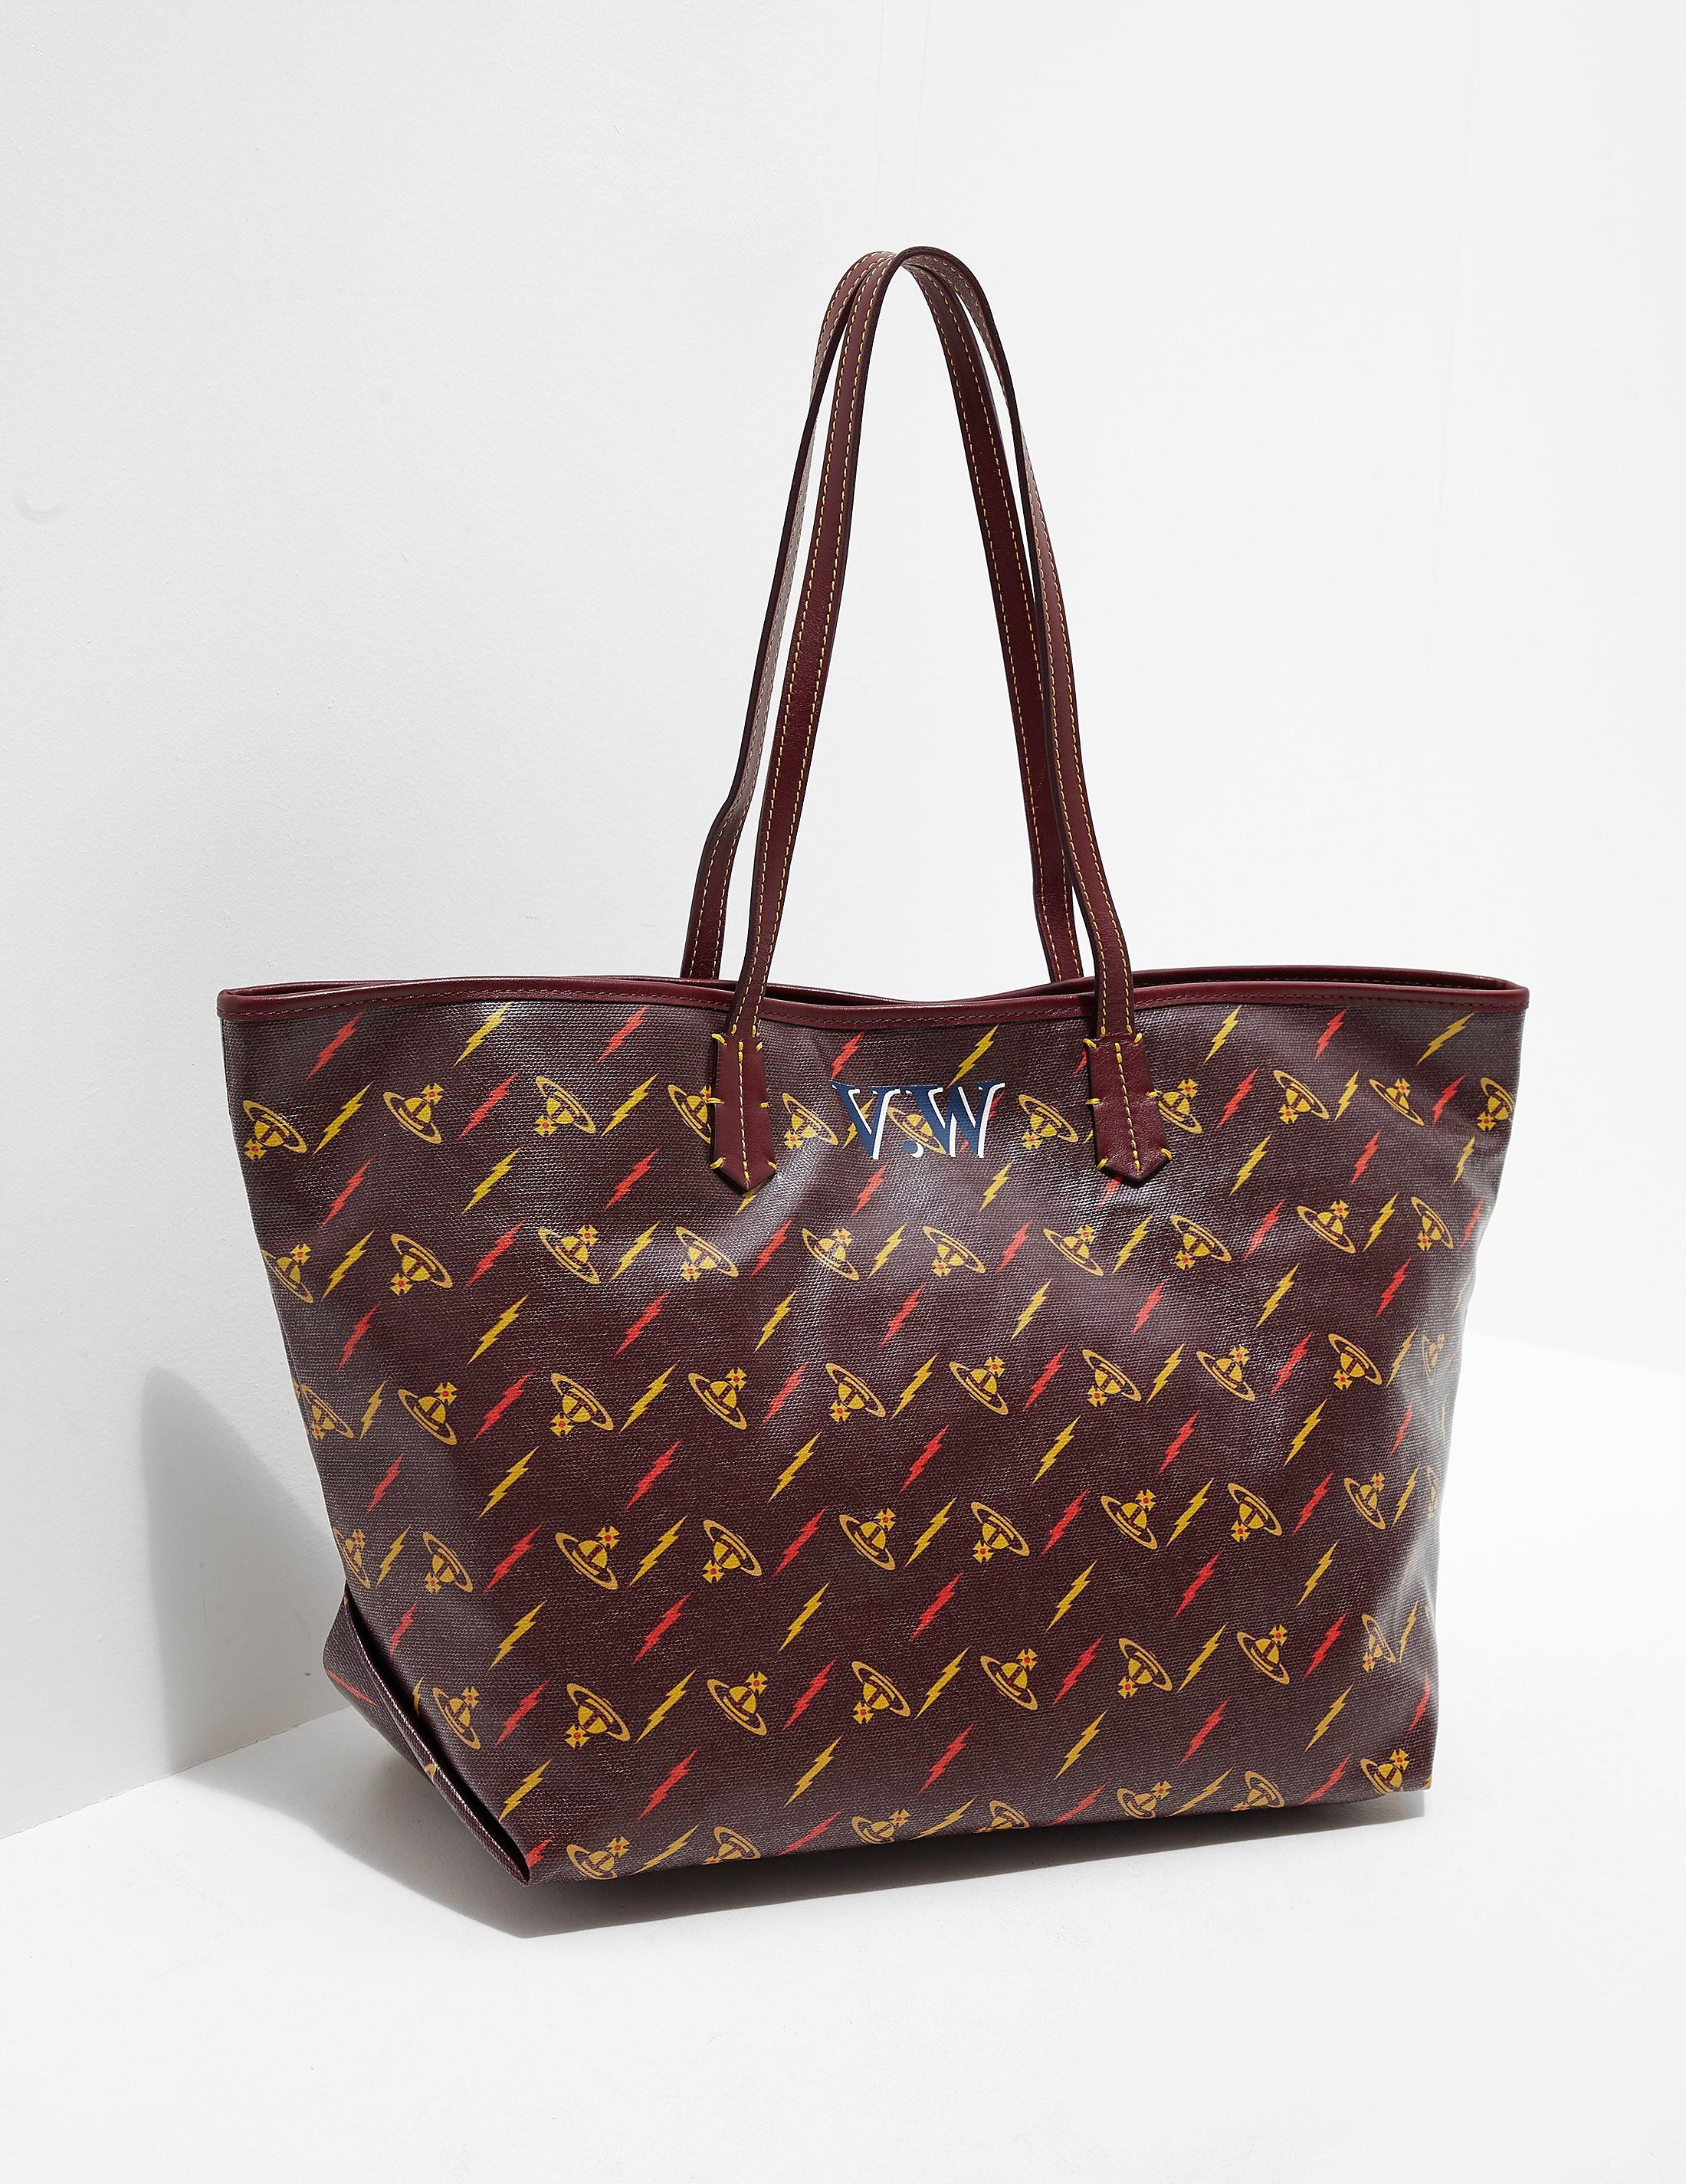 Vivienne Westwood Collette Small Shopper Bag